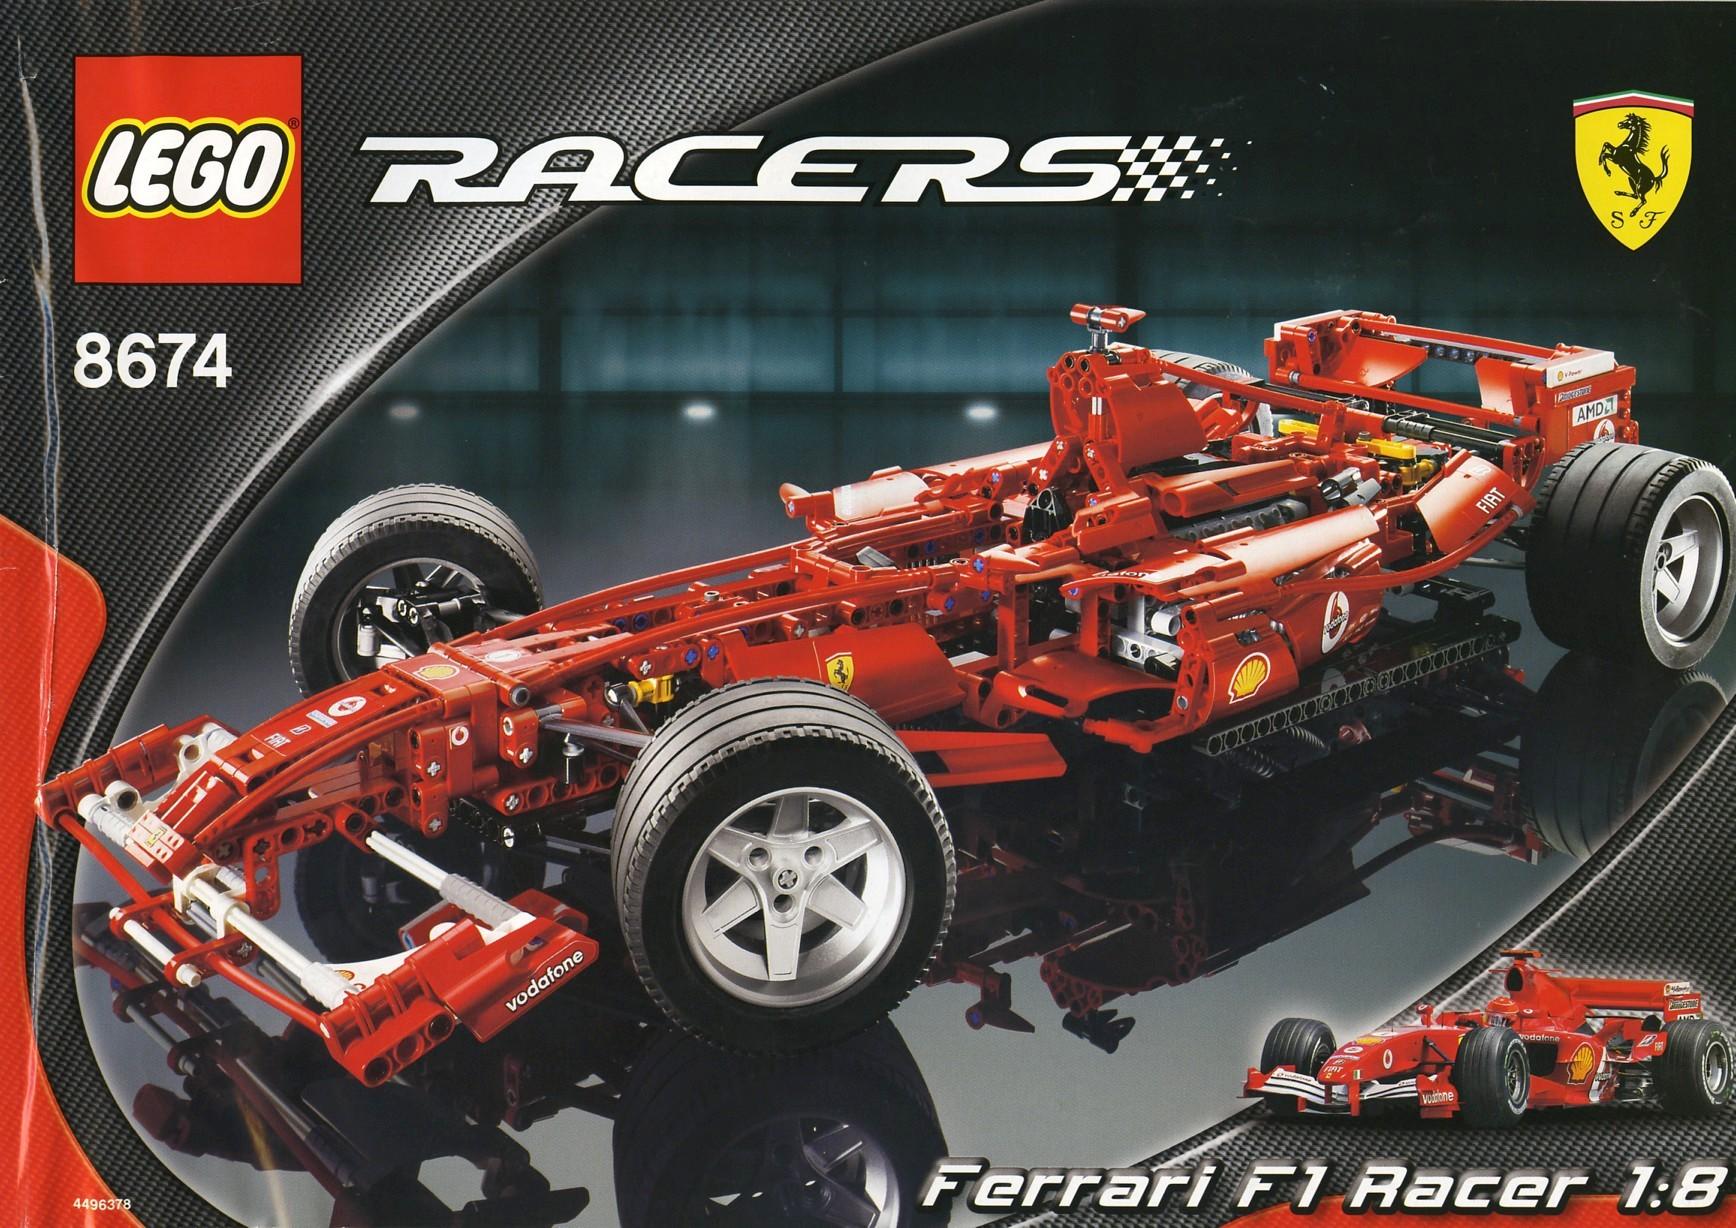 Ferrari F1 Racer 1 8 8674 All Details